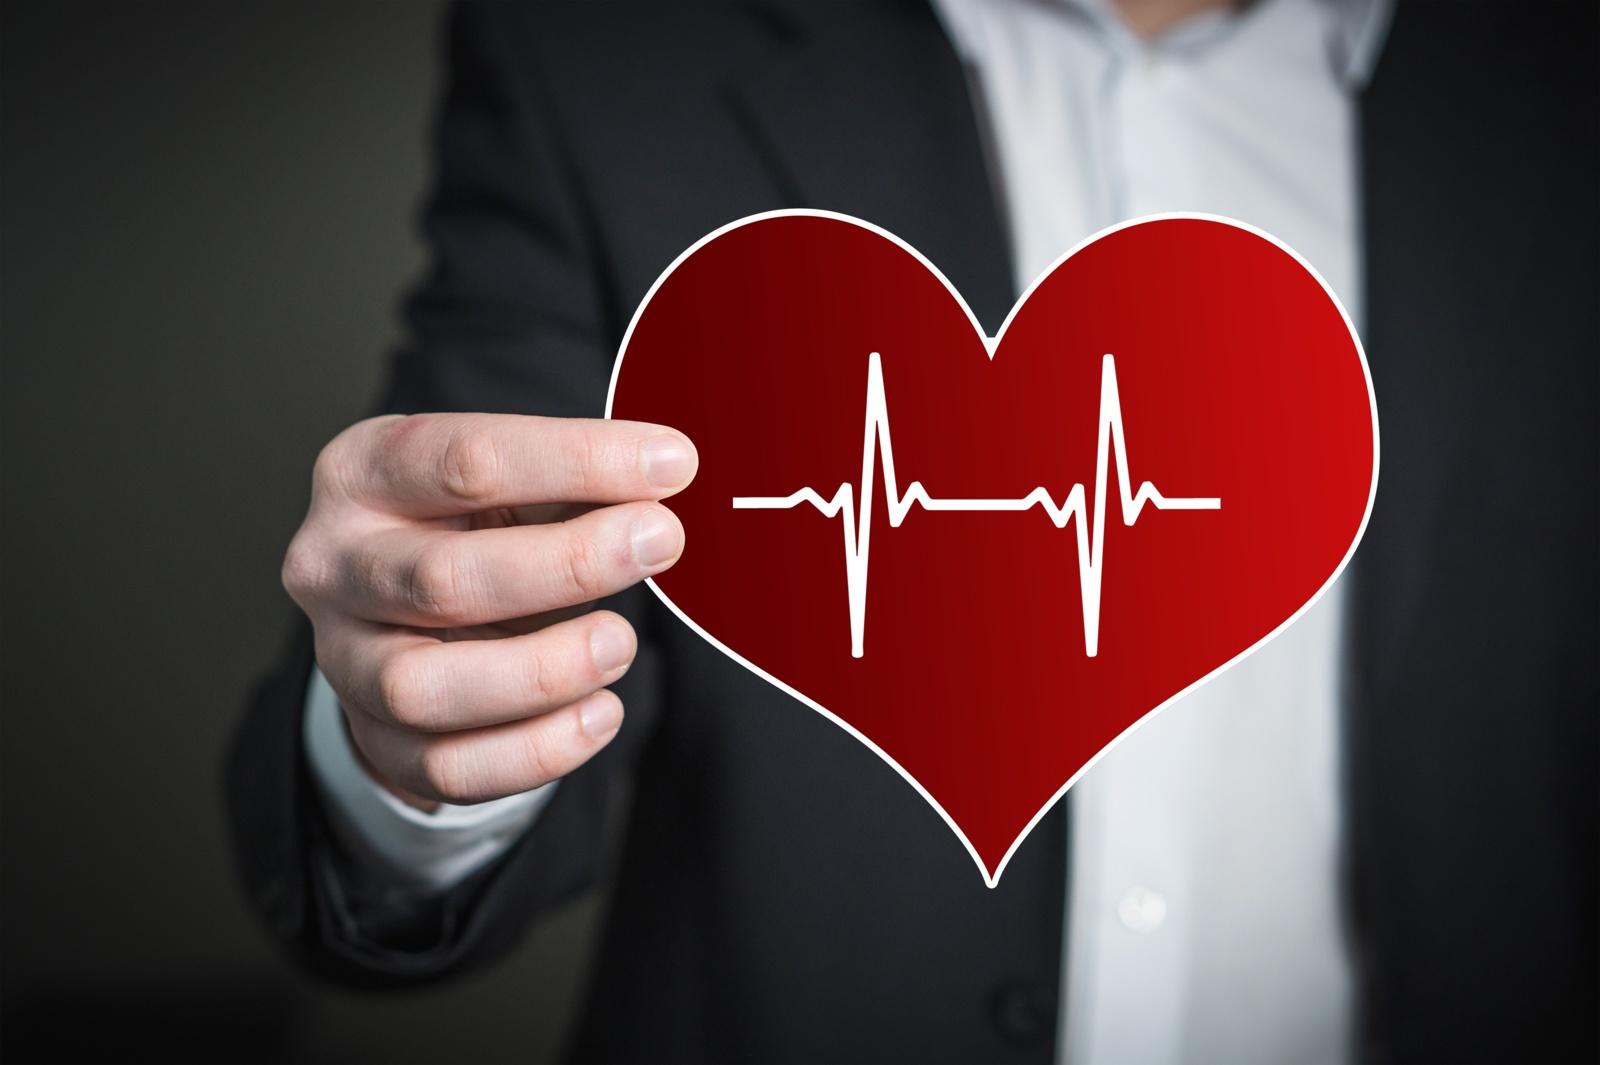 hipertenzija nuo kurių vaistų pradėti vartoti